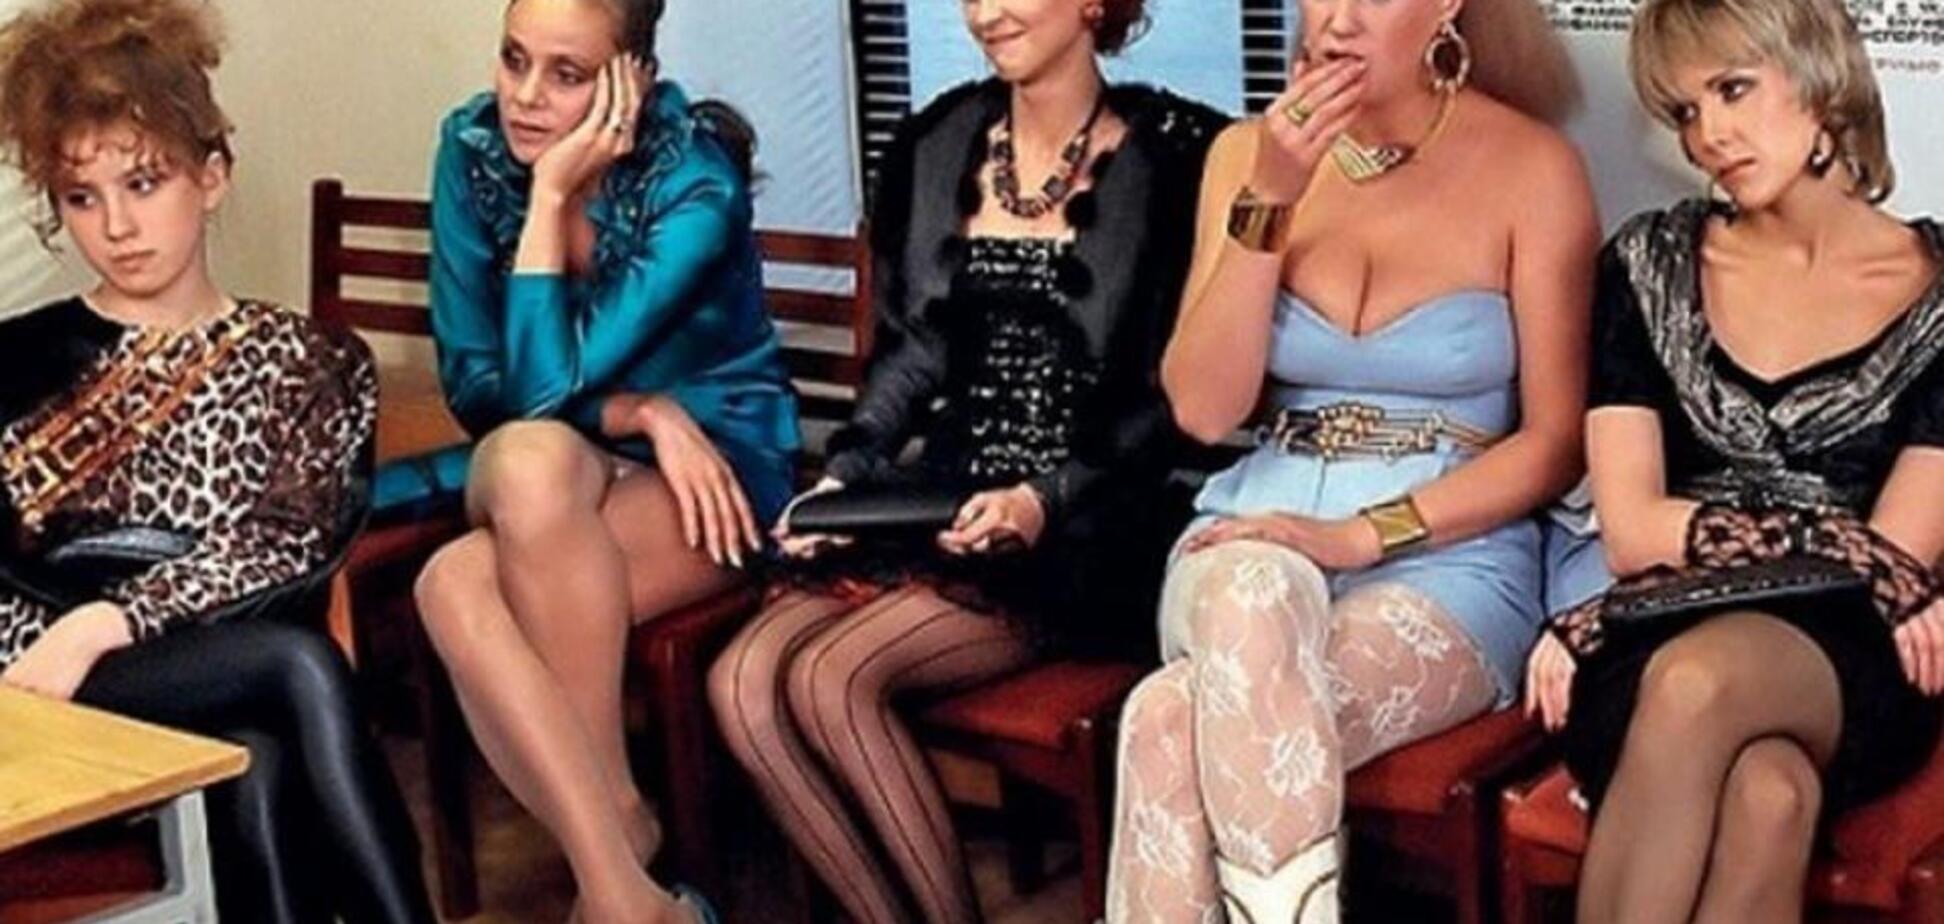 Эволюция проституции: быть 'валютной' уже не модно